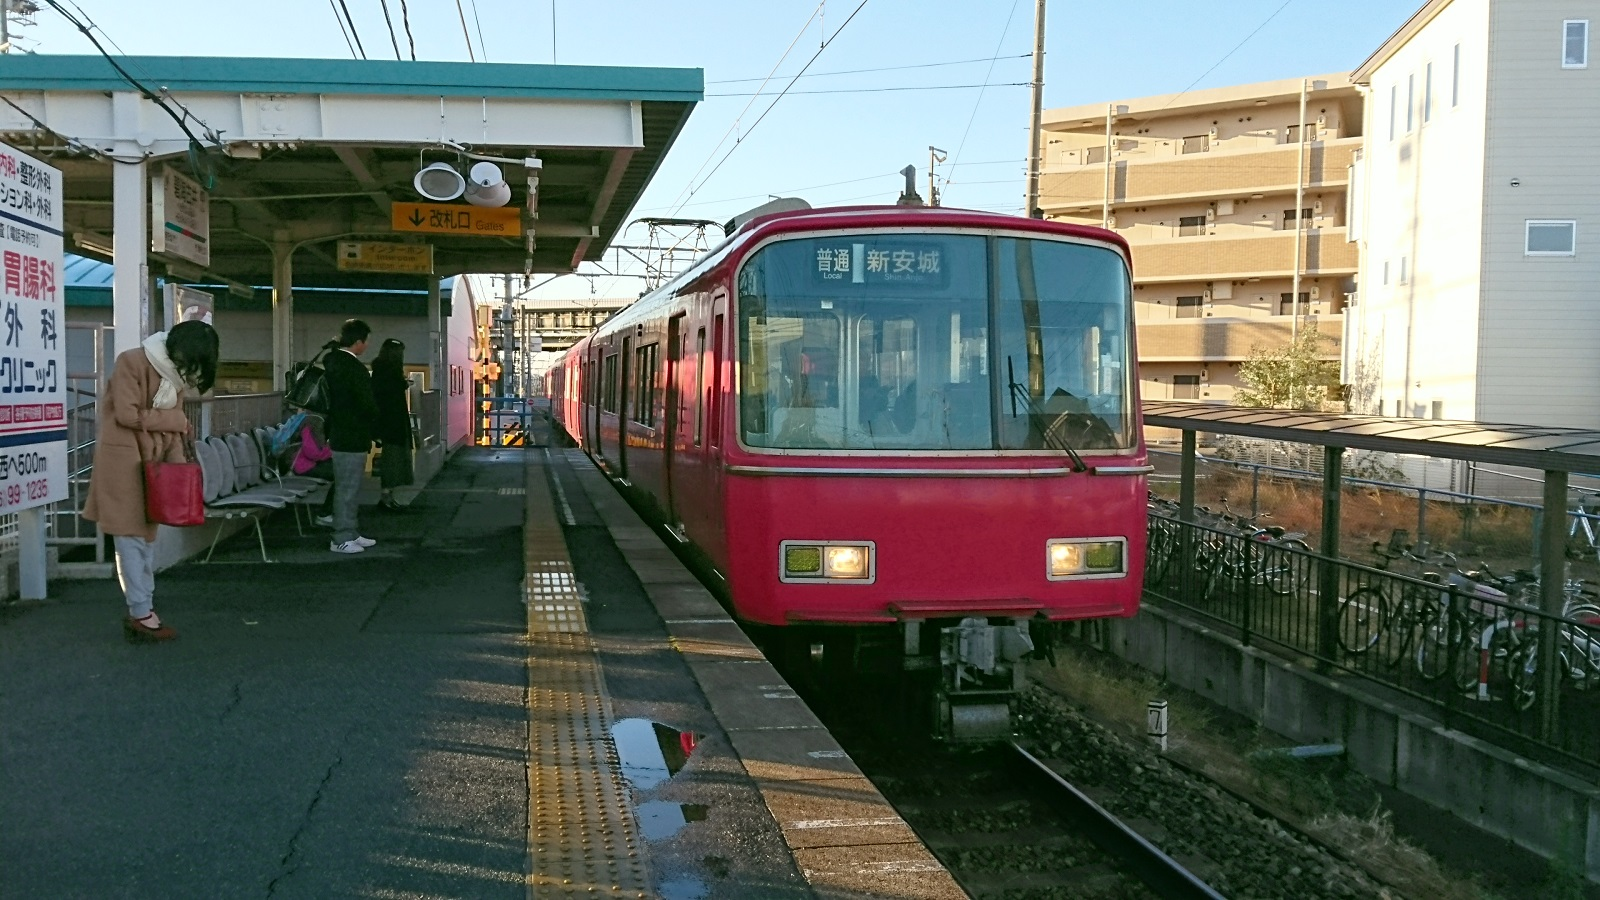 2016.12.23 井伊谷まで (1) 古井 - しんあんじょういきふつう 1600-900